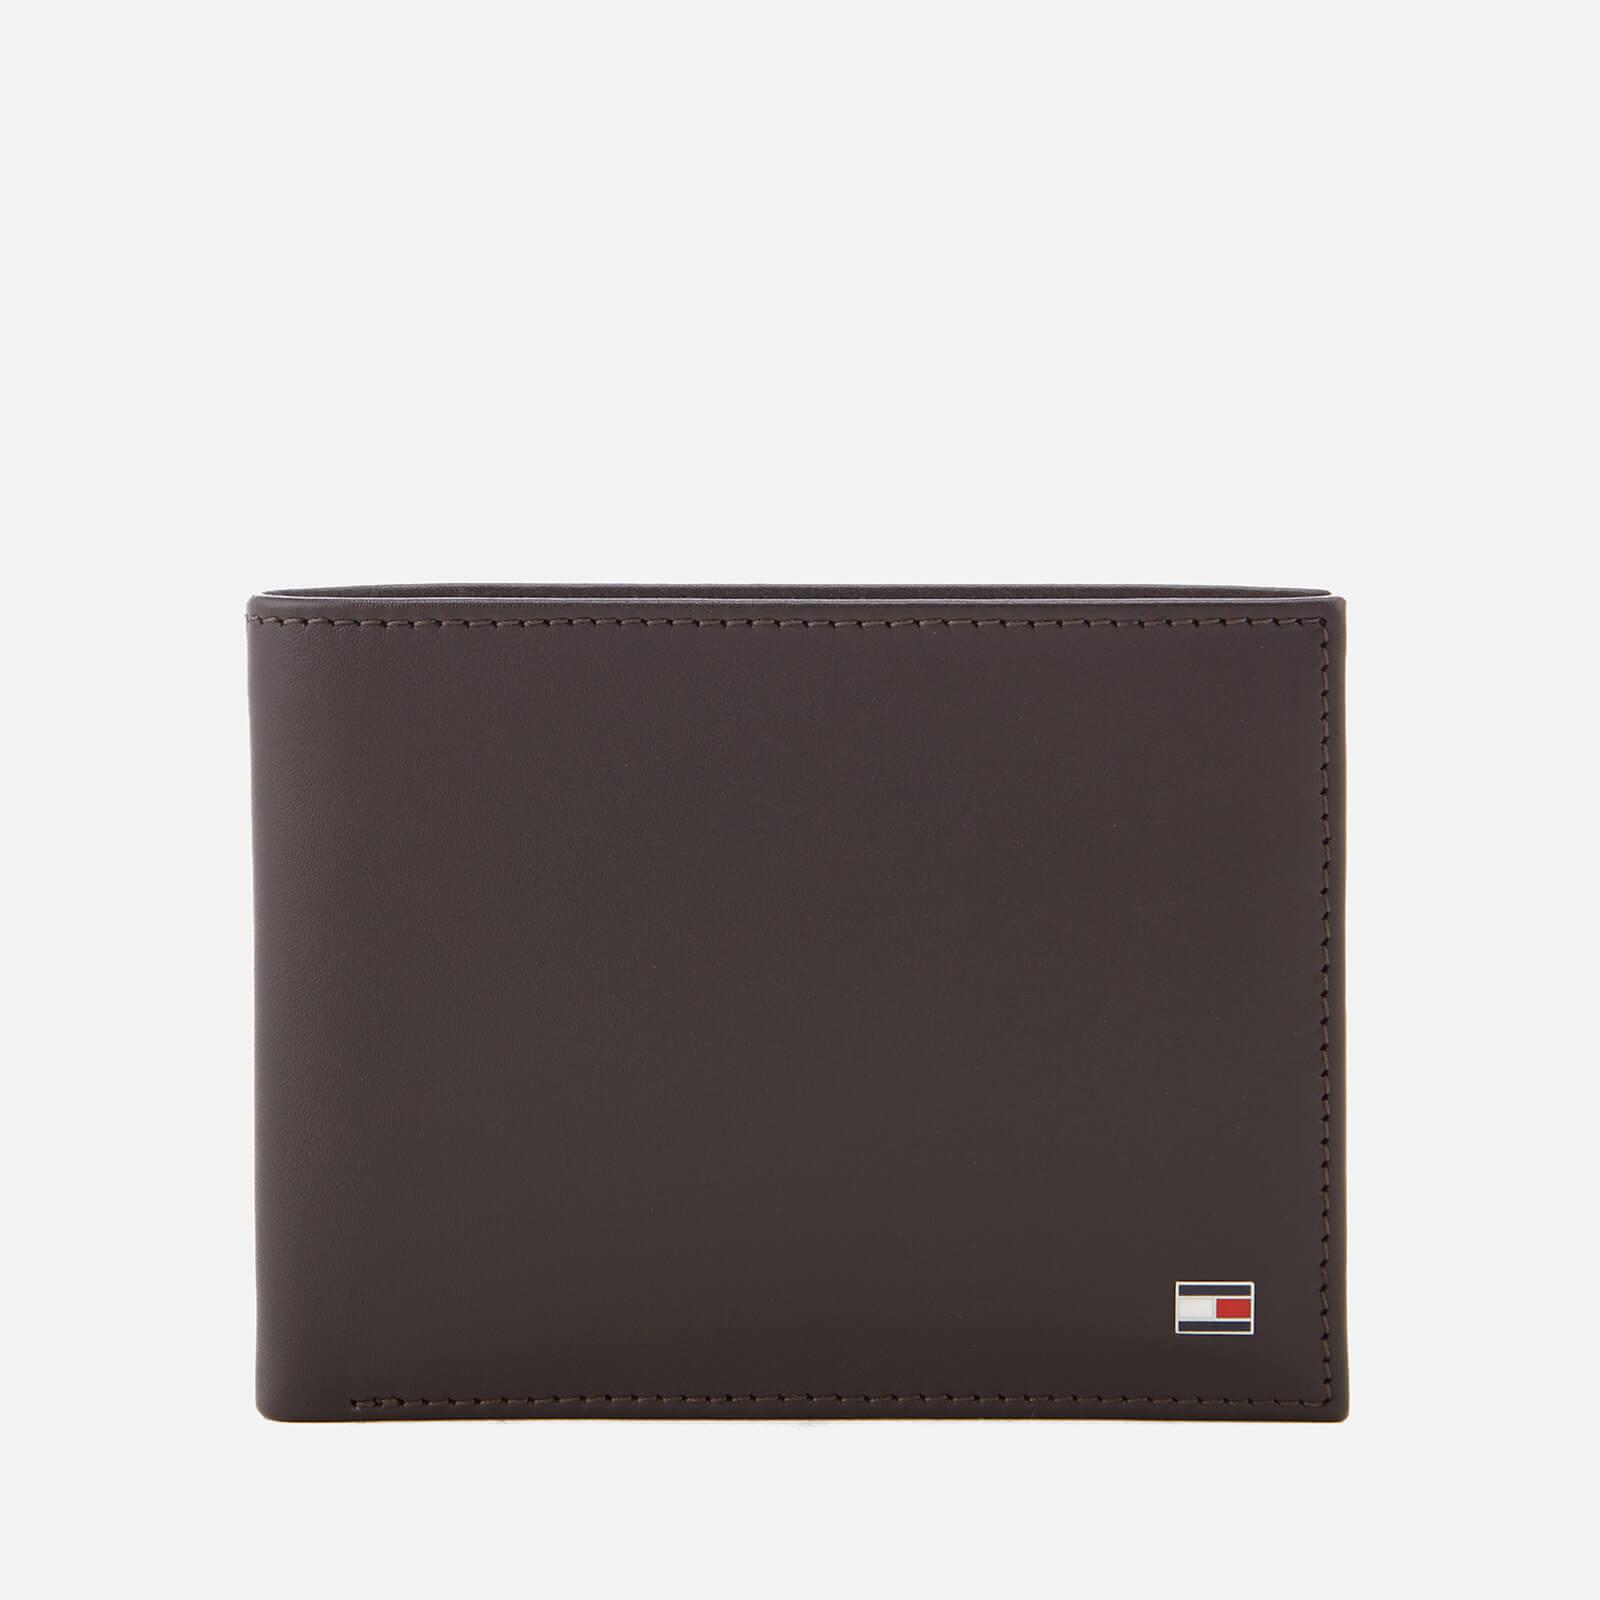 Tommy Hilfiger Men's Eton Credit Card and Coin Pocket Wallet - Brown